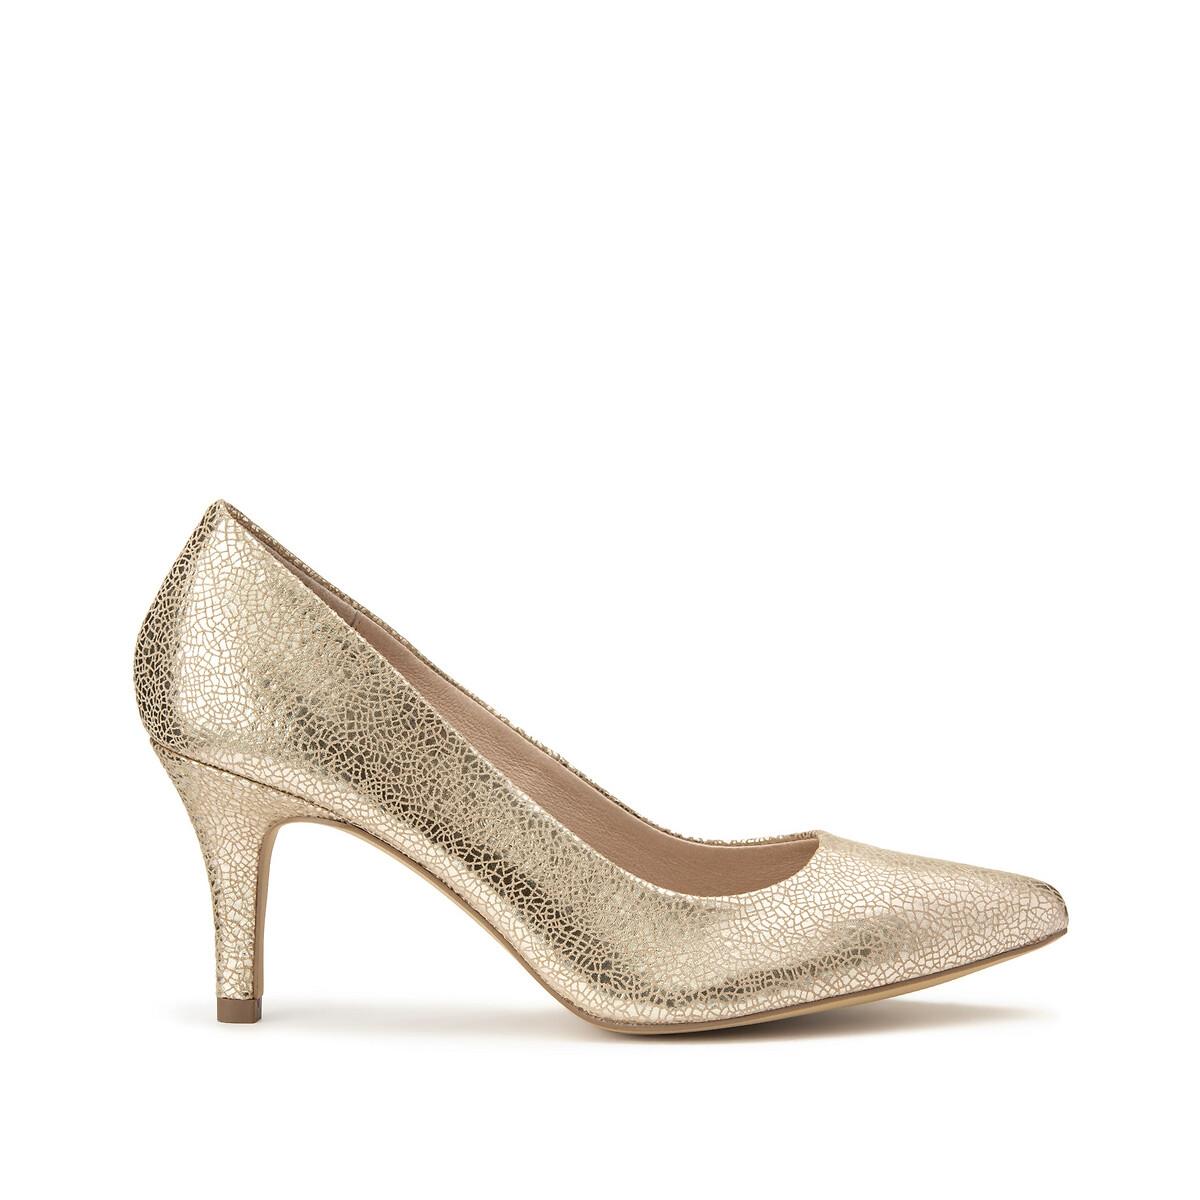 Туфли LaRedoute Из кожи на каблуке-шпильке 38 золотистый